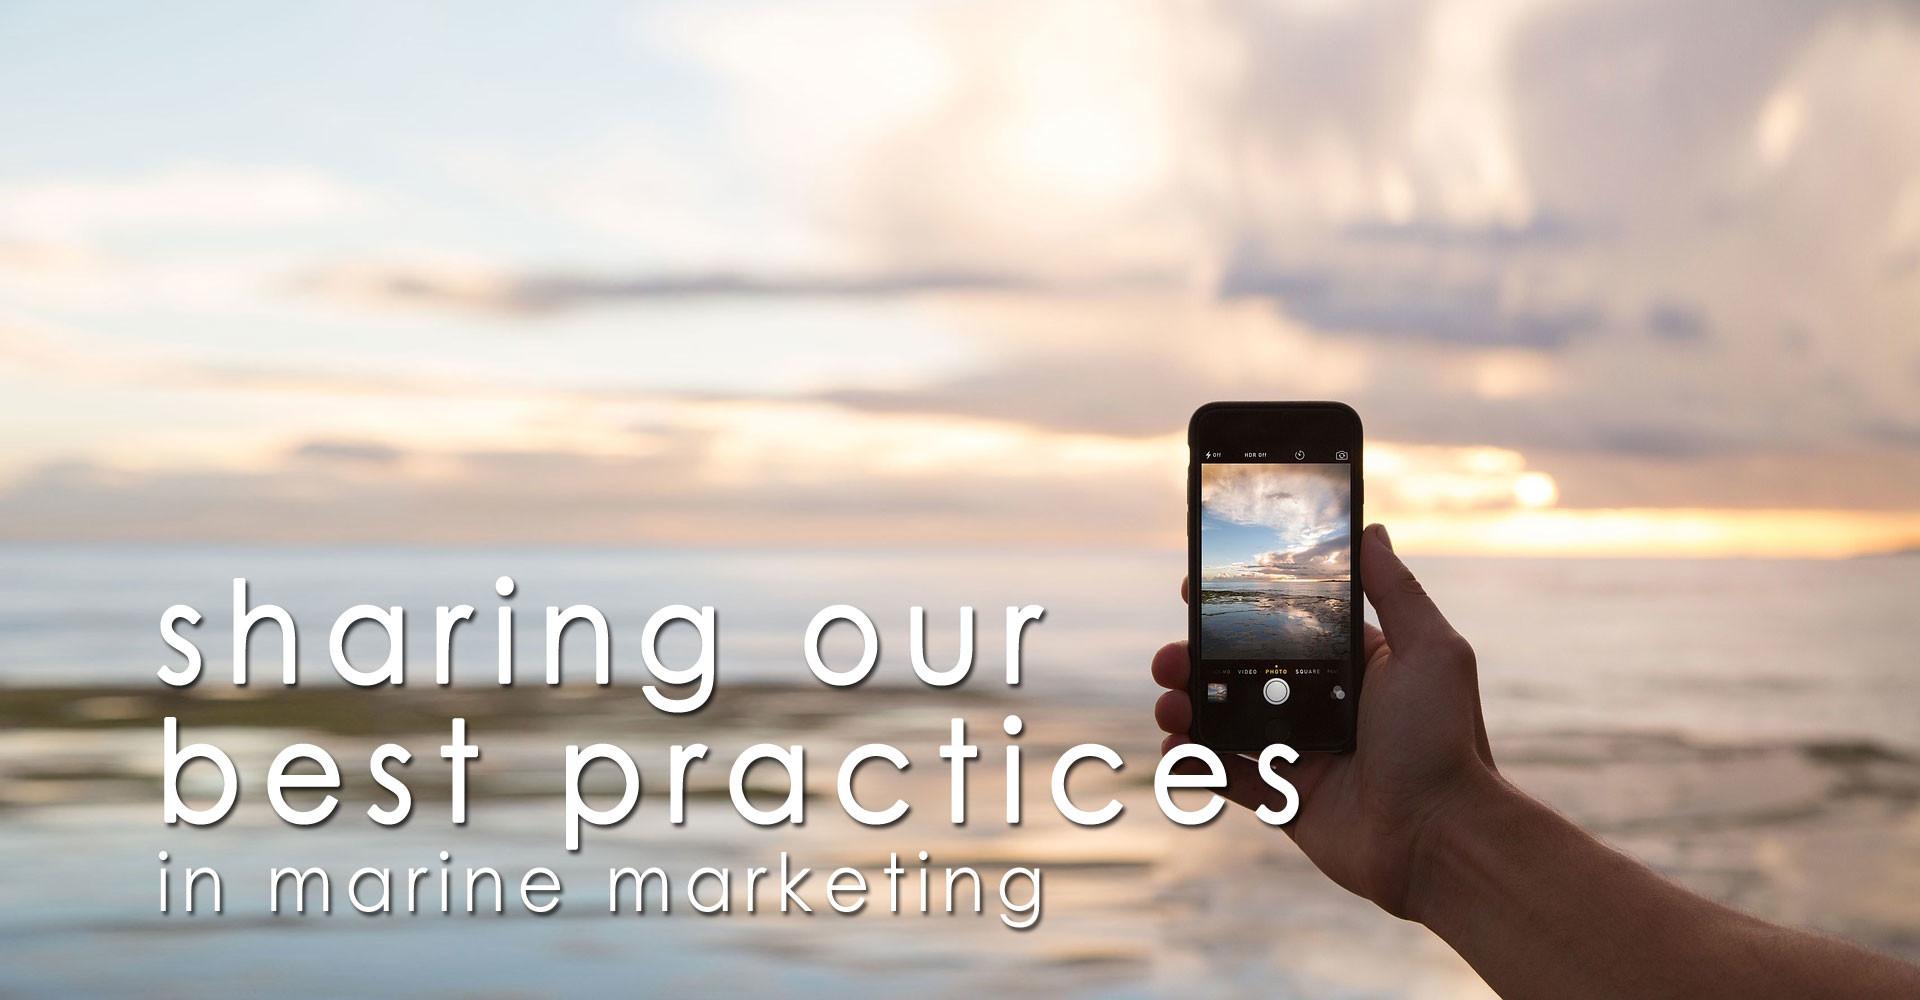 marine marketing best practices